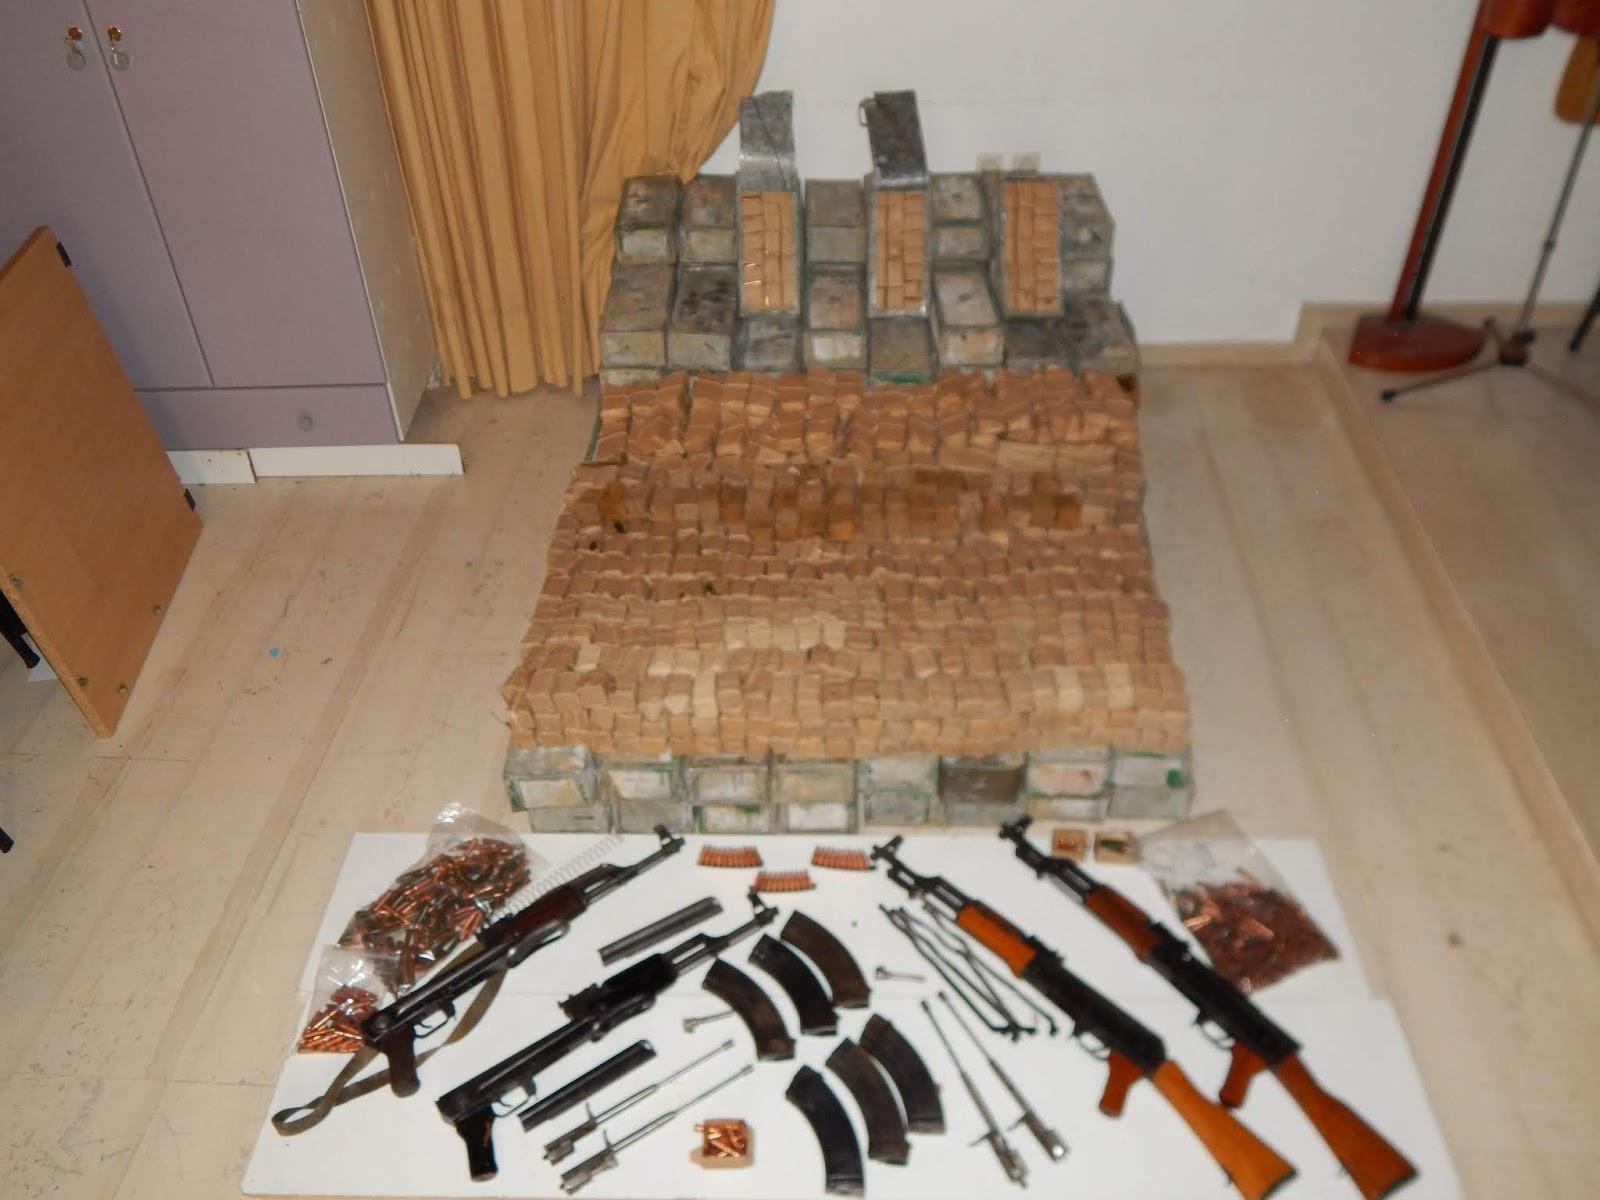 Έφερναν πολεμικά όπλα και πυρομαχικά από την Αλβανία ..Κρησφύγετα και στην Ήπειρο Έρευνα σε σπίτι στη Θεσπρωτία